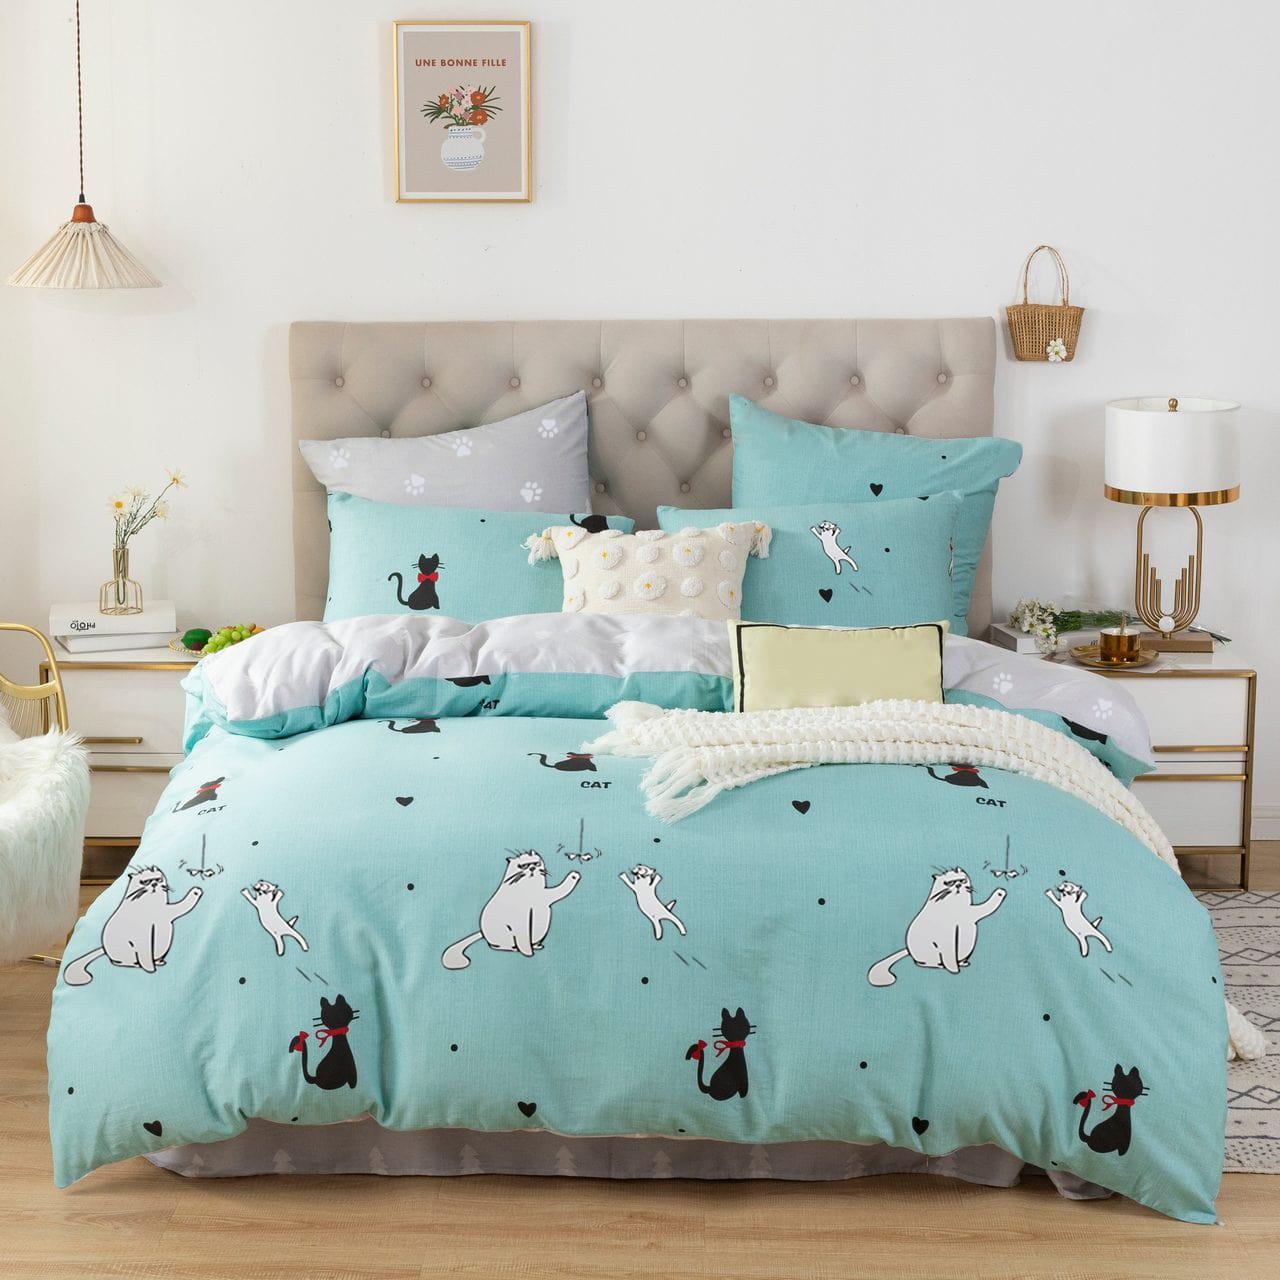 Комплект постельного белья 2-спальный с Евро простыней, поплин (Коты)